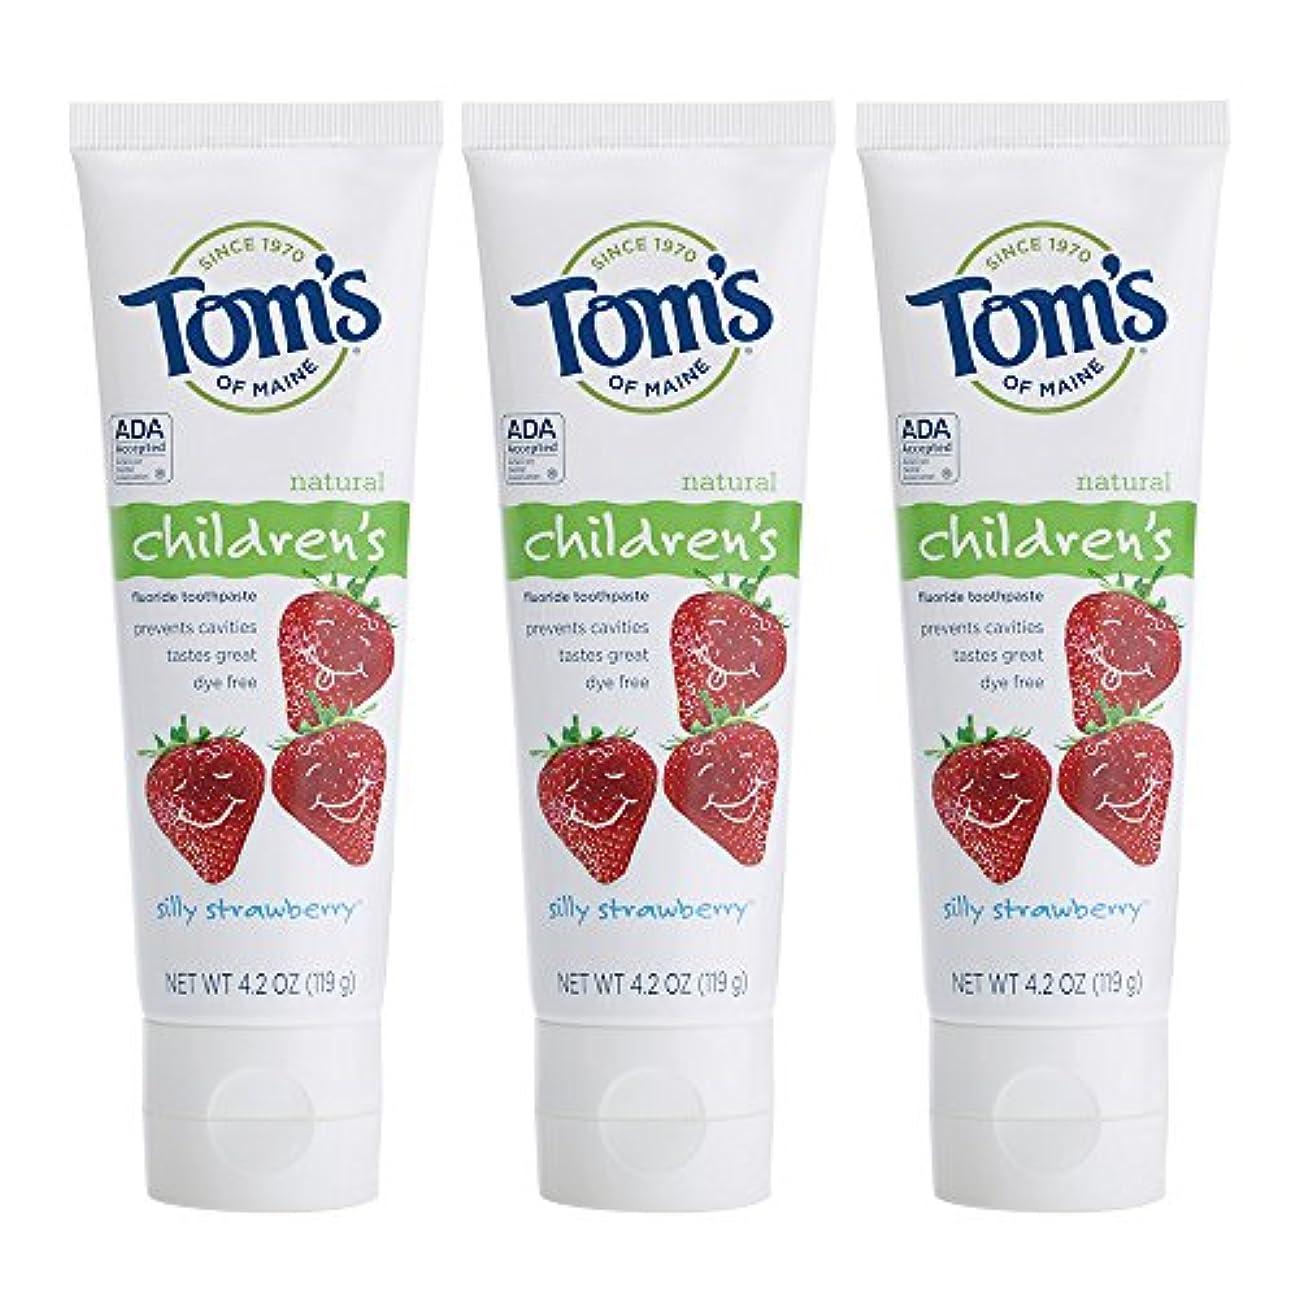 受取人適応的安価なTom's of Maine, Natural Children's Fluoride Toothpaste, Silly Strawberry, 4.2 oz (119 g)